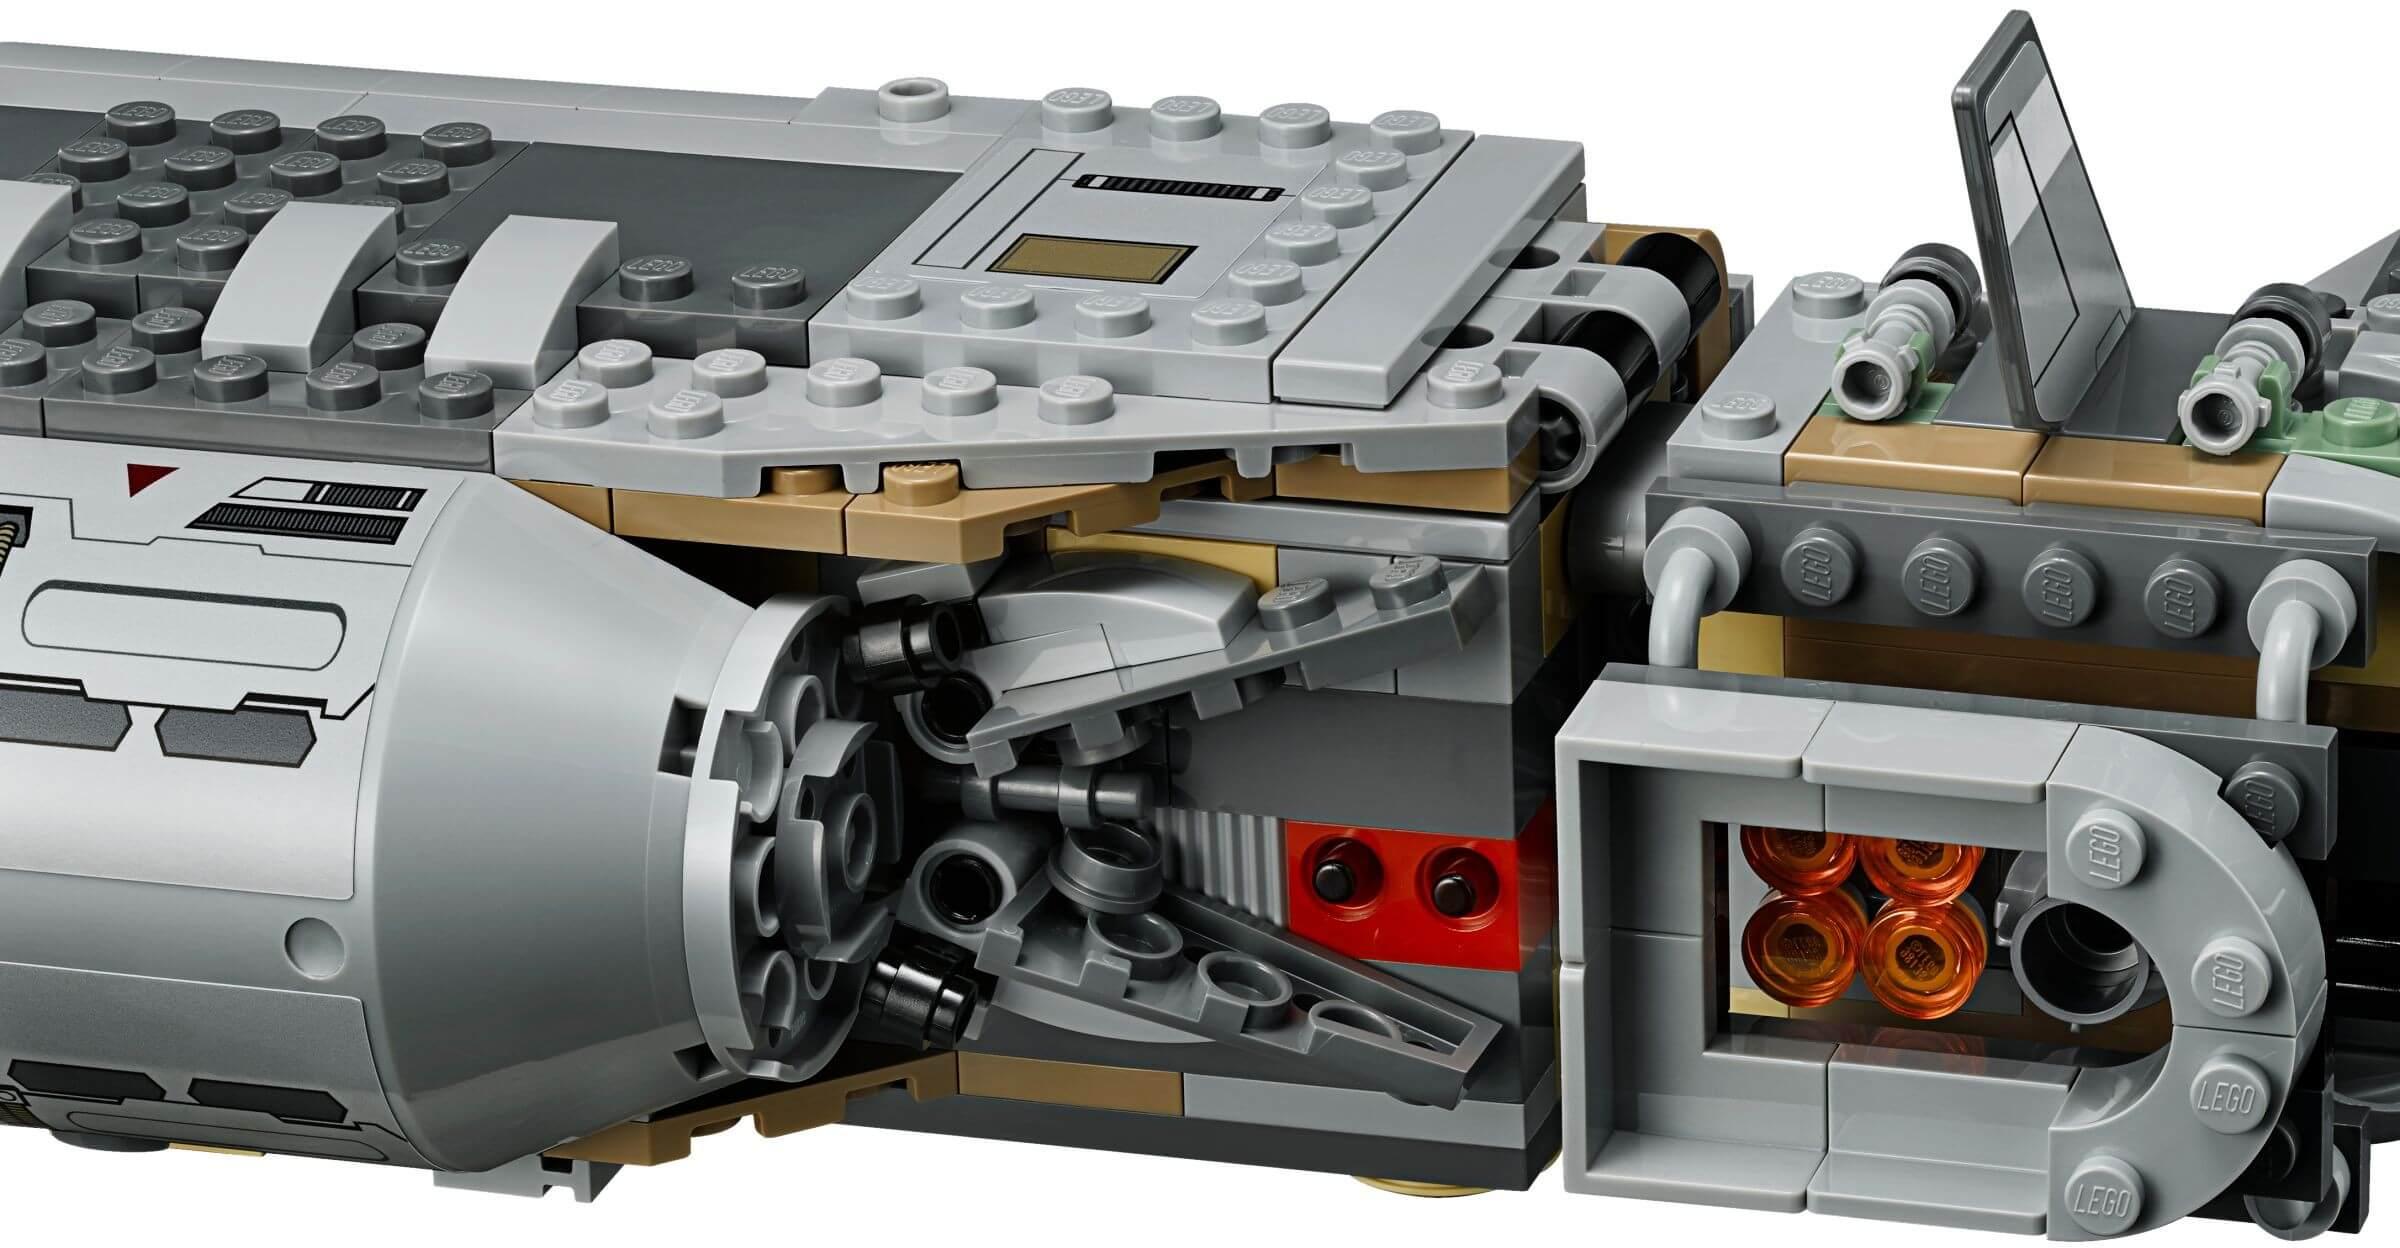 Mua đồ chơi LEGO 75140 - LEGO Star Wars 75140 - Tàu chở Lính của quân Kháng Chiến (LEGO Star Wars Resistance Troop Transporter 75140)